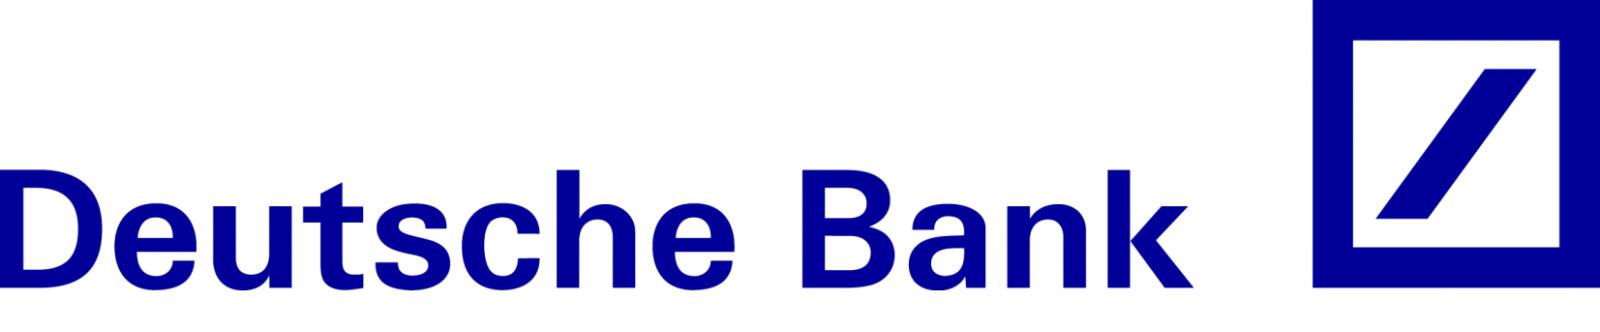 deutsche bank case study interview